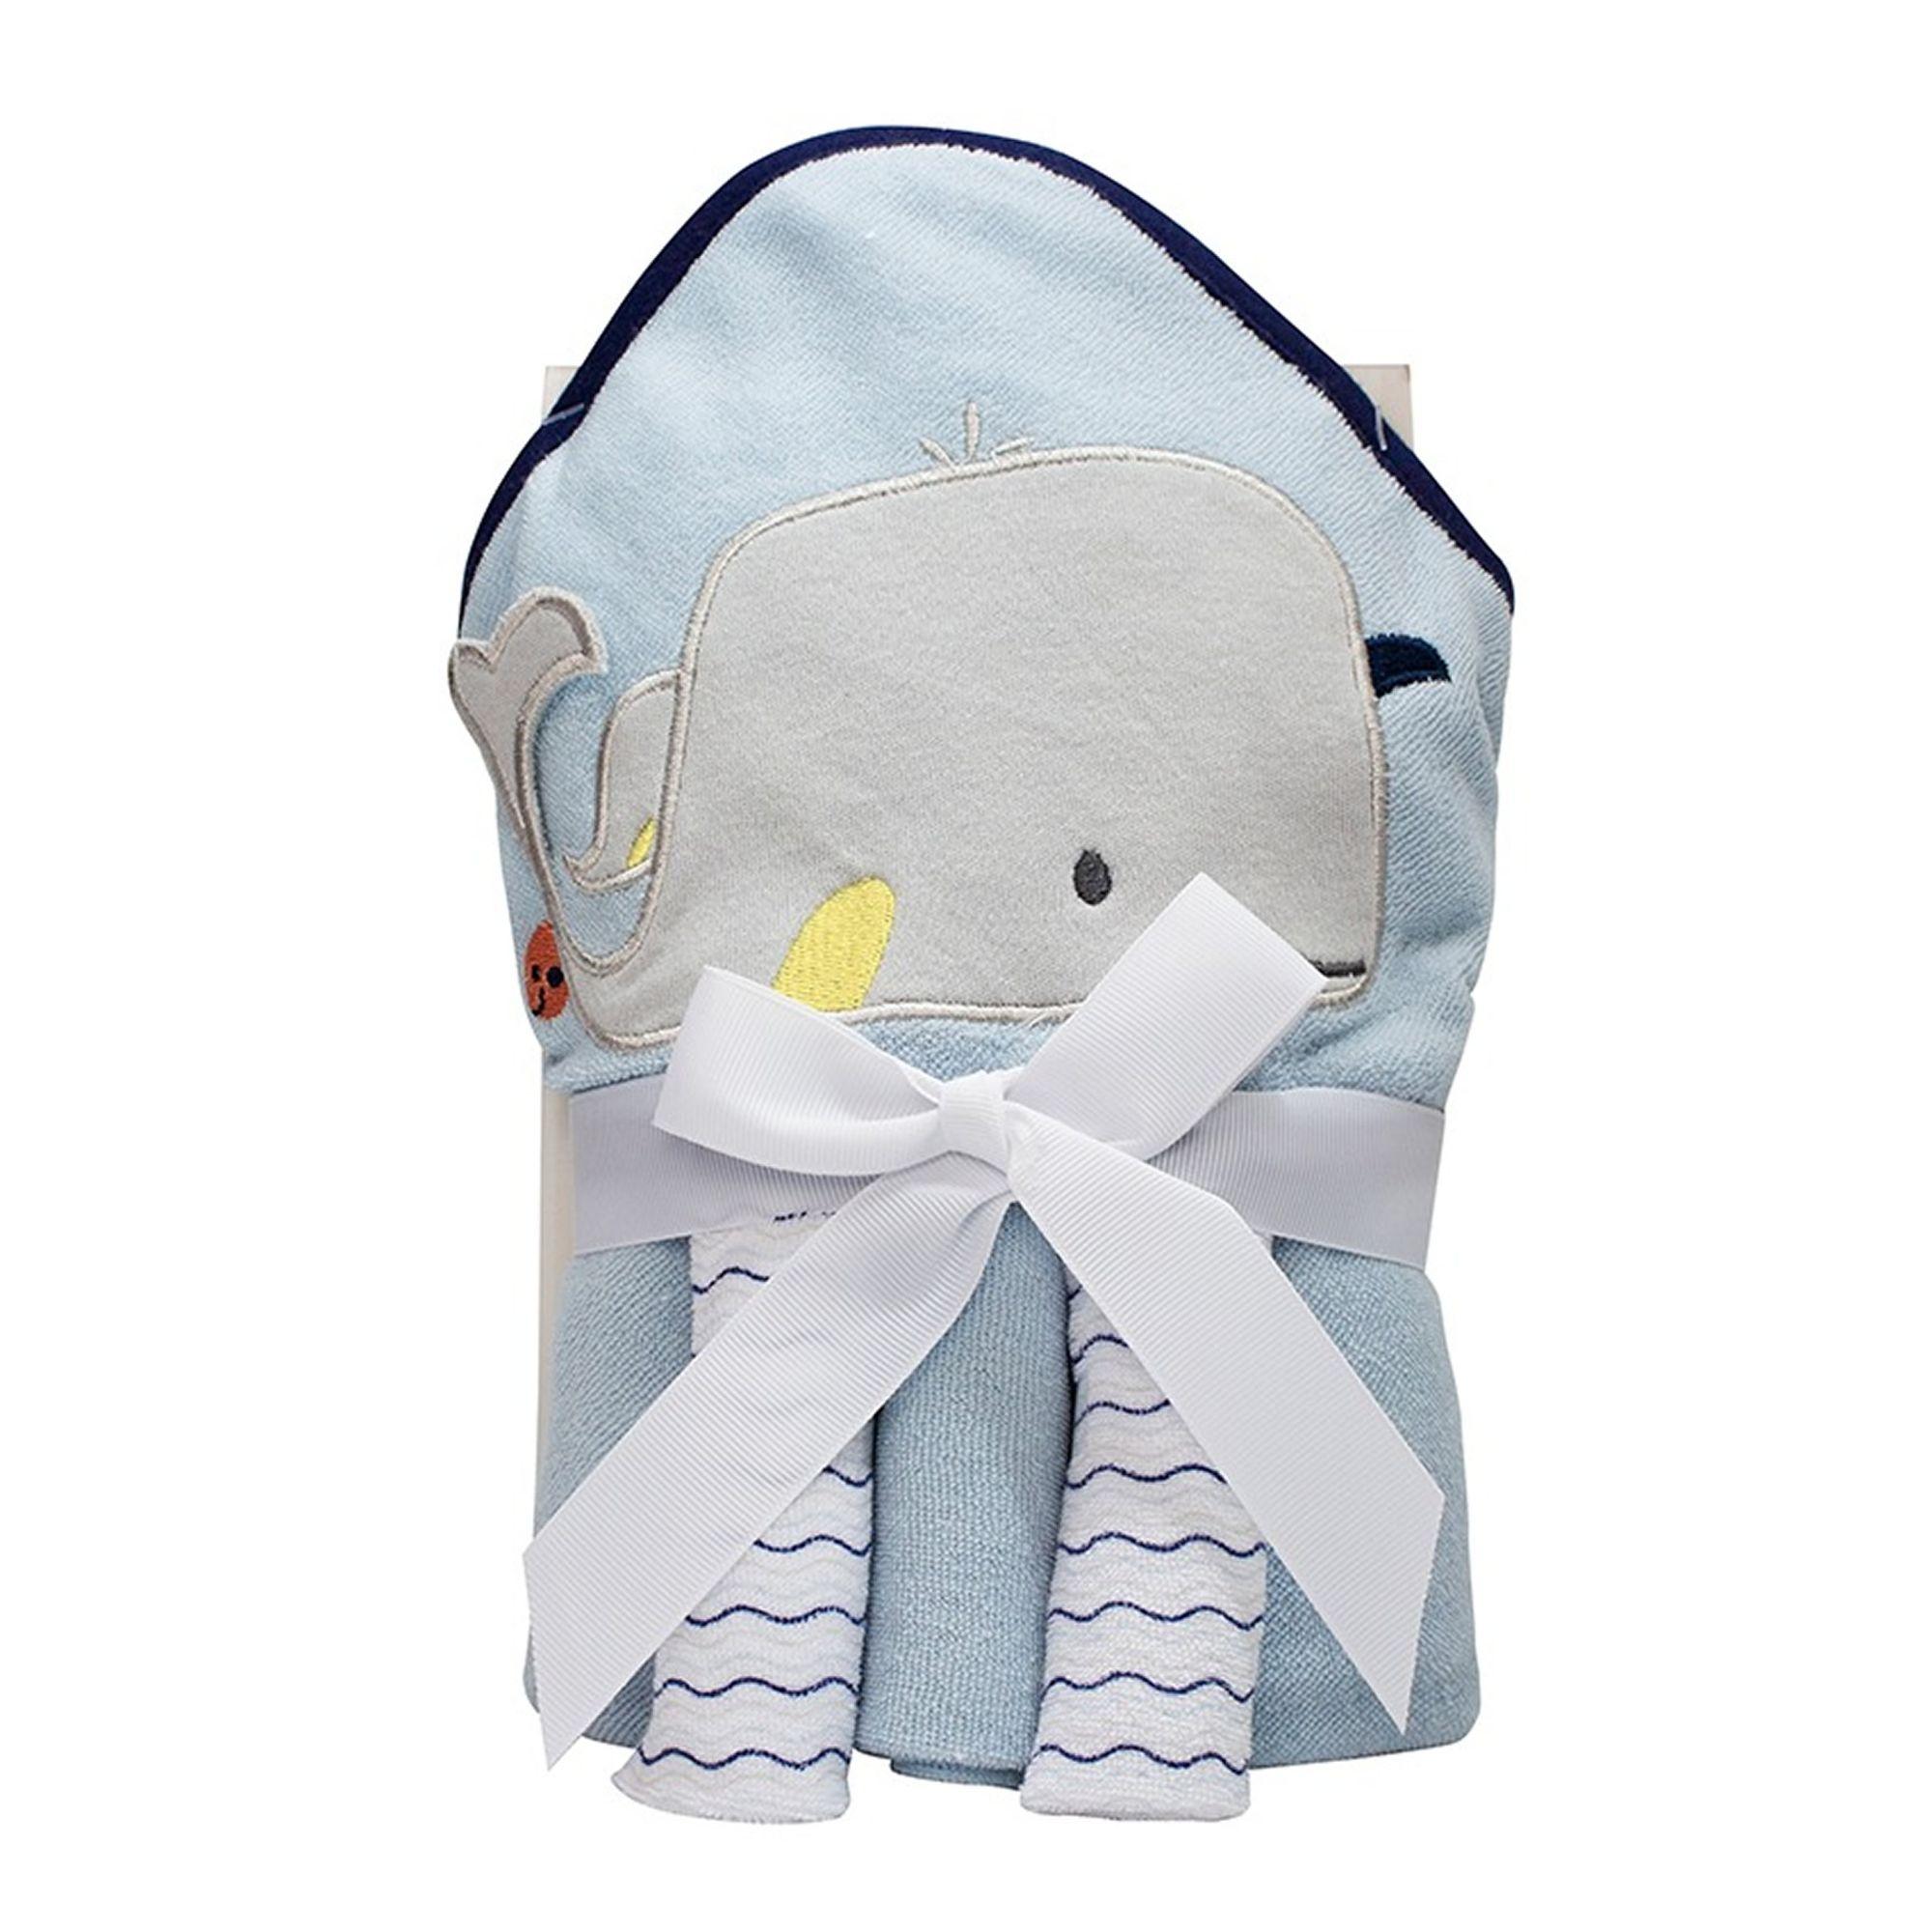 kit-toalha-bebe-e-3-toalhinhas-baleia-azul-claro